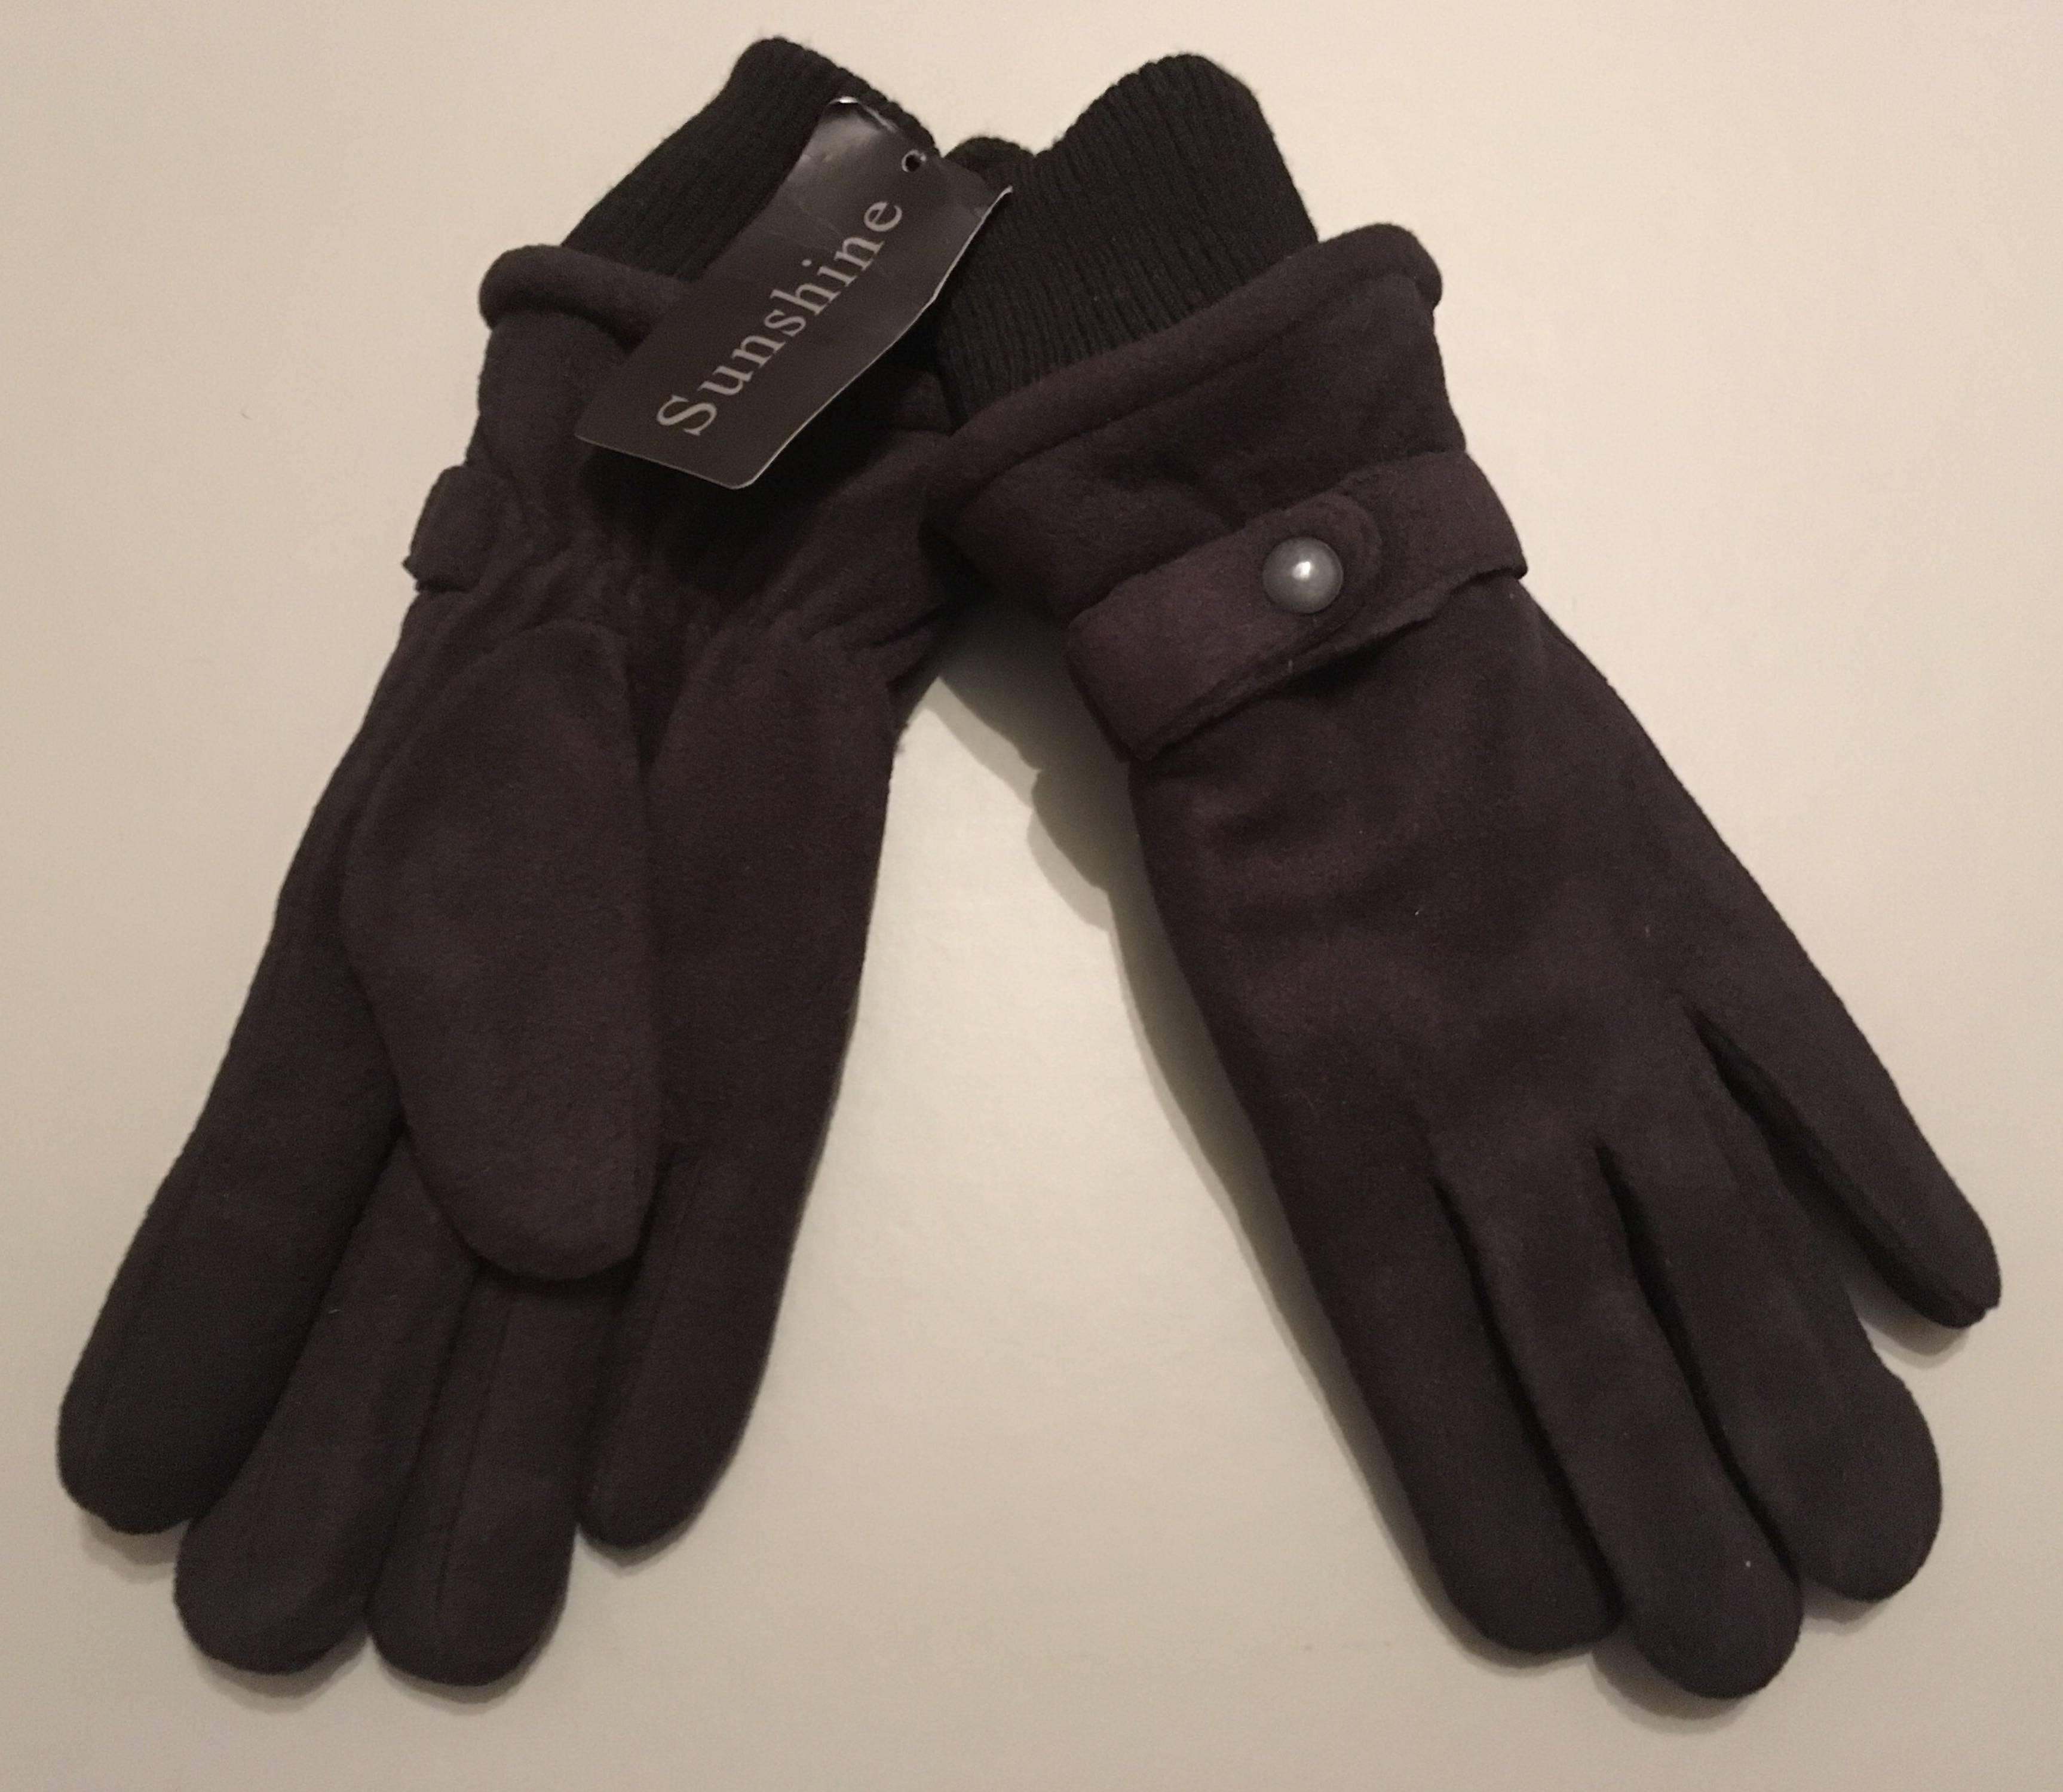 006495730881 Купить перчатки мужские Sunshine M442 оптом из Москвы за 168 руб